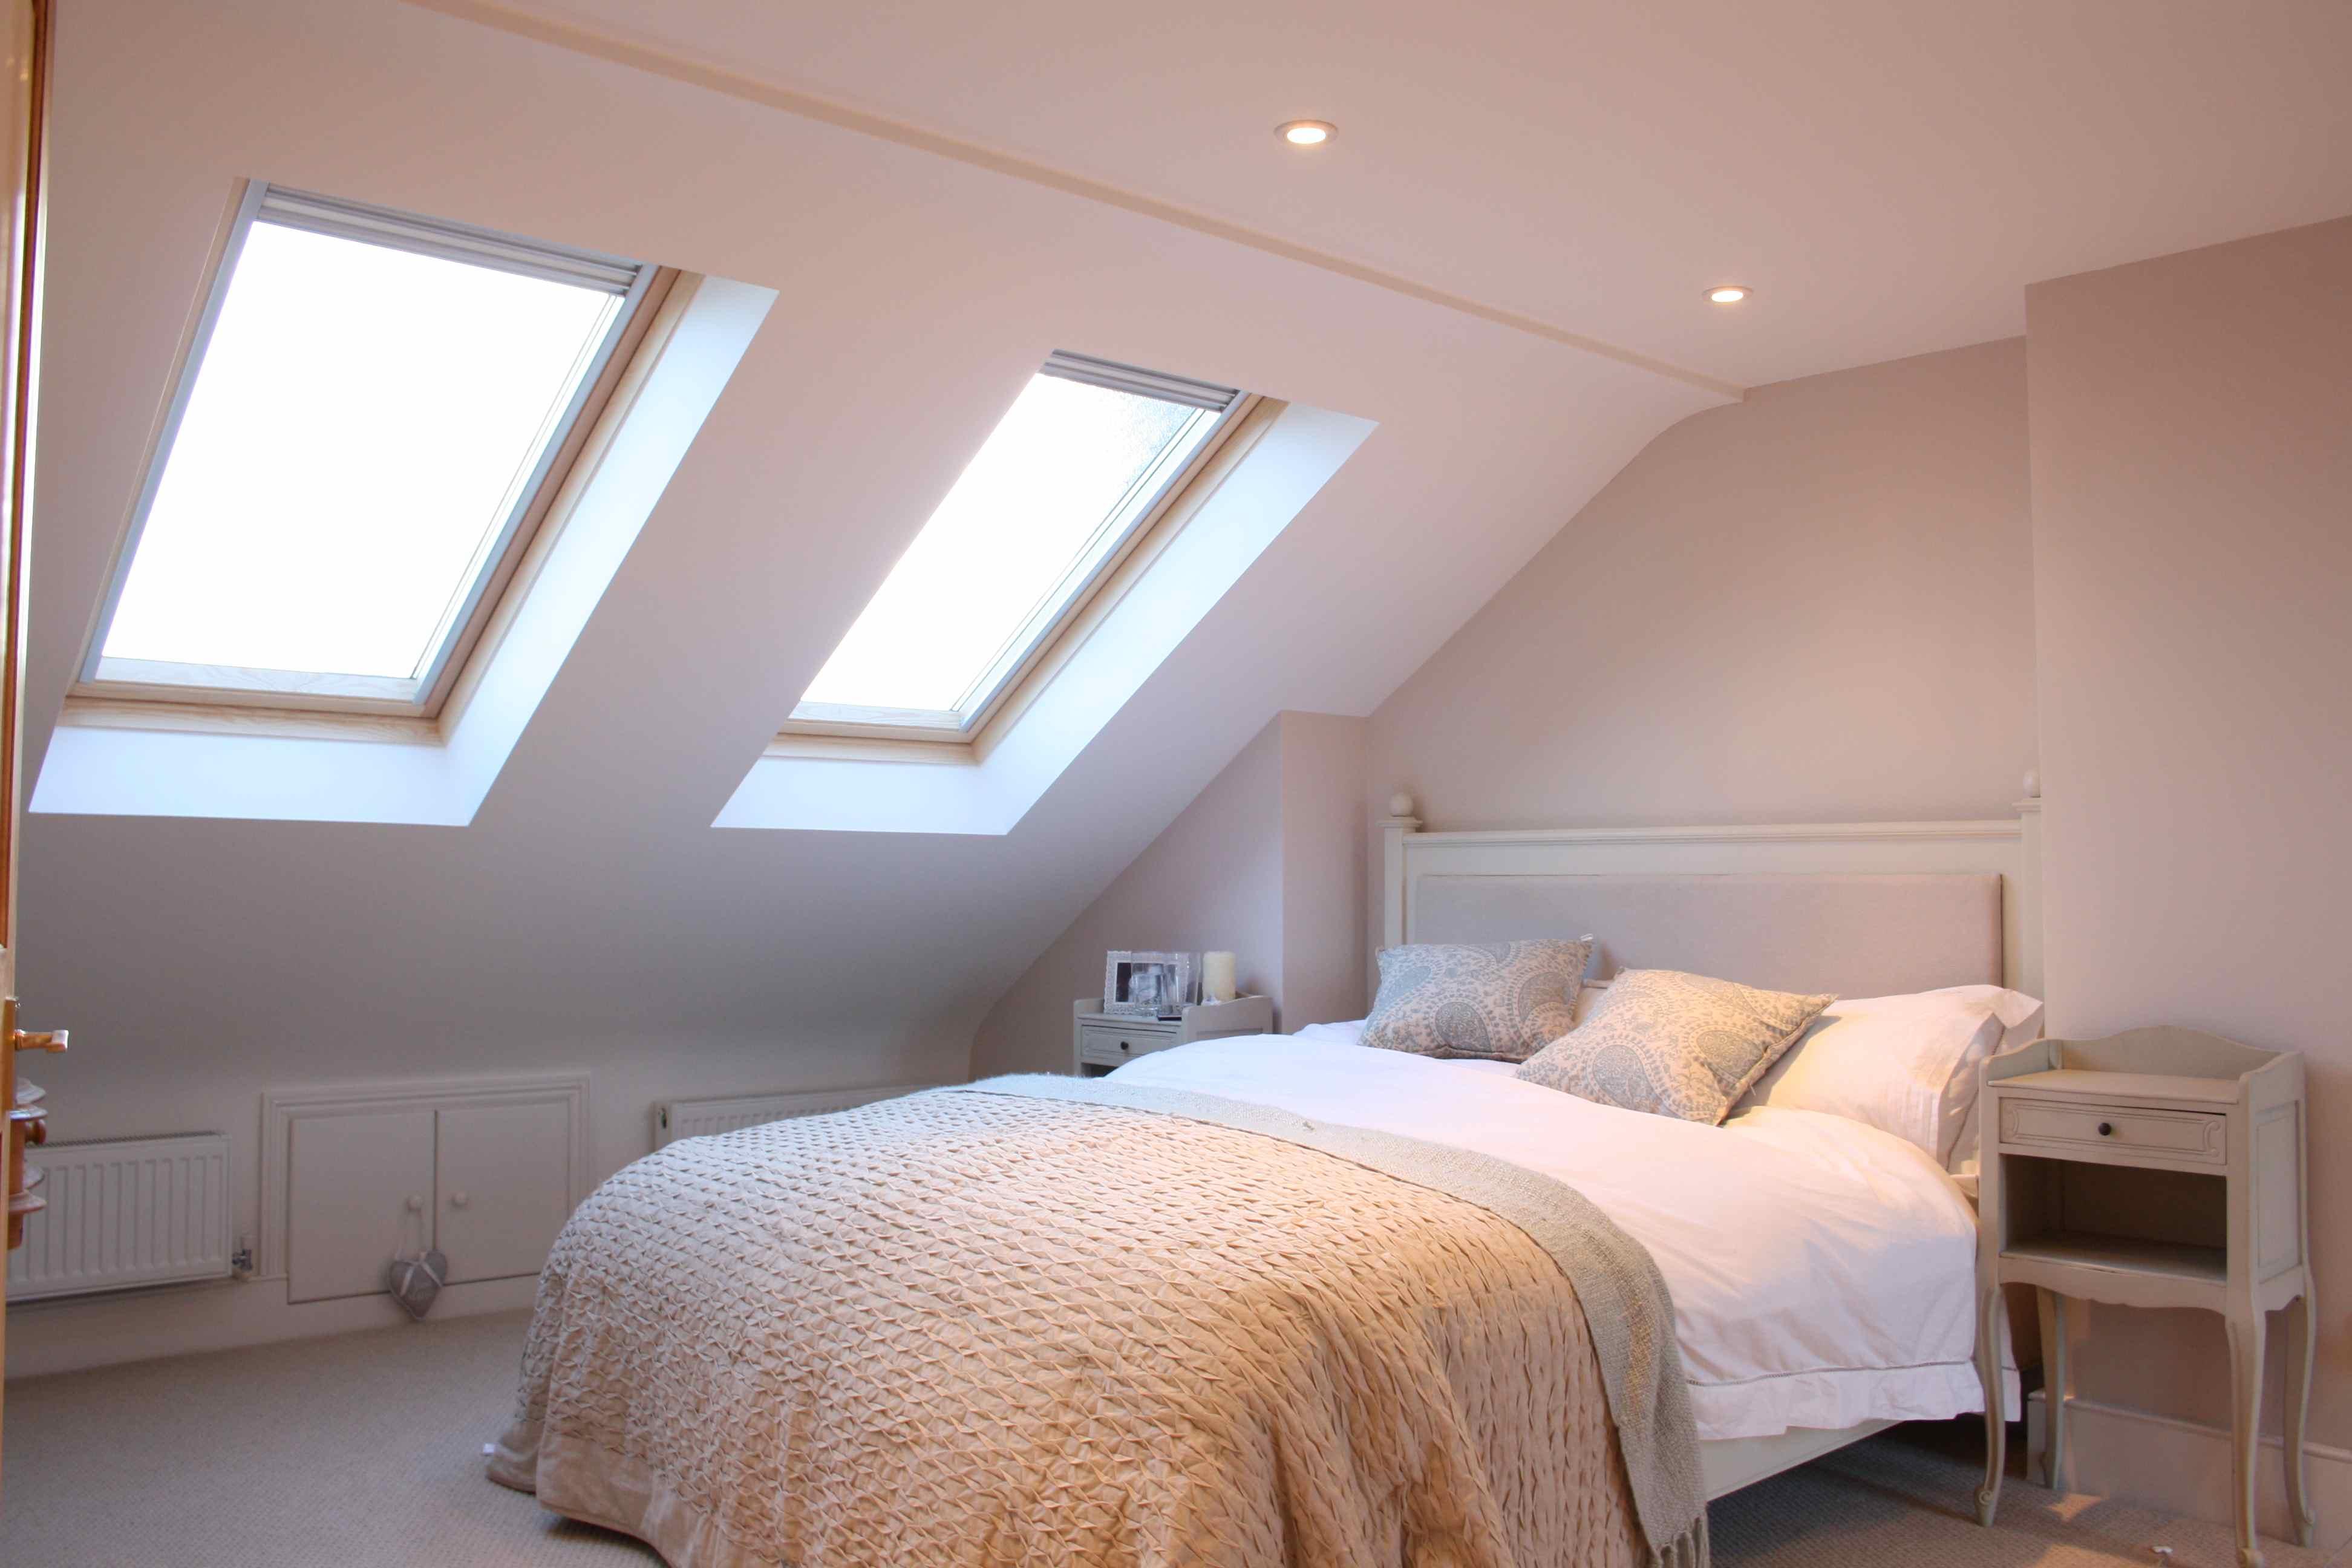 low attic trusses space ideas - Loft Conversion Interior Design Archives Simply Loft